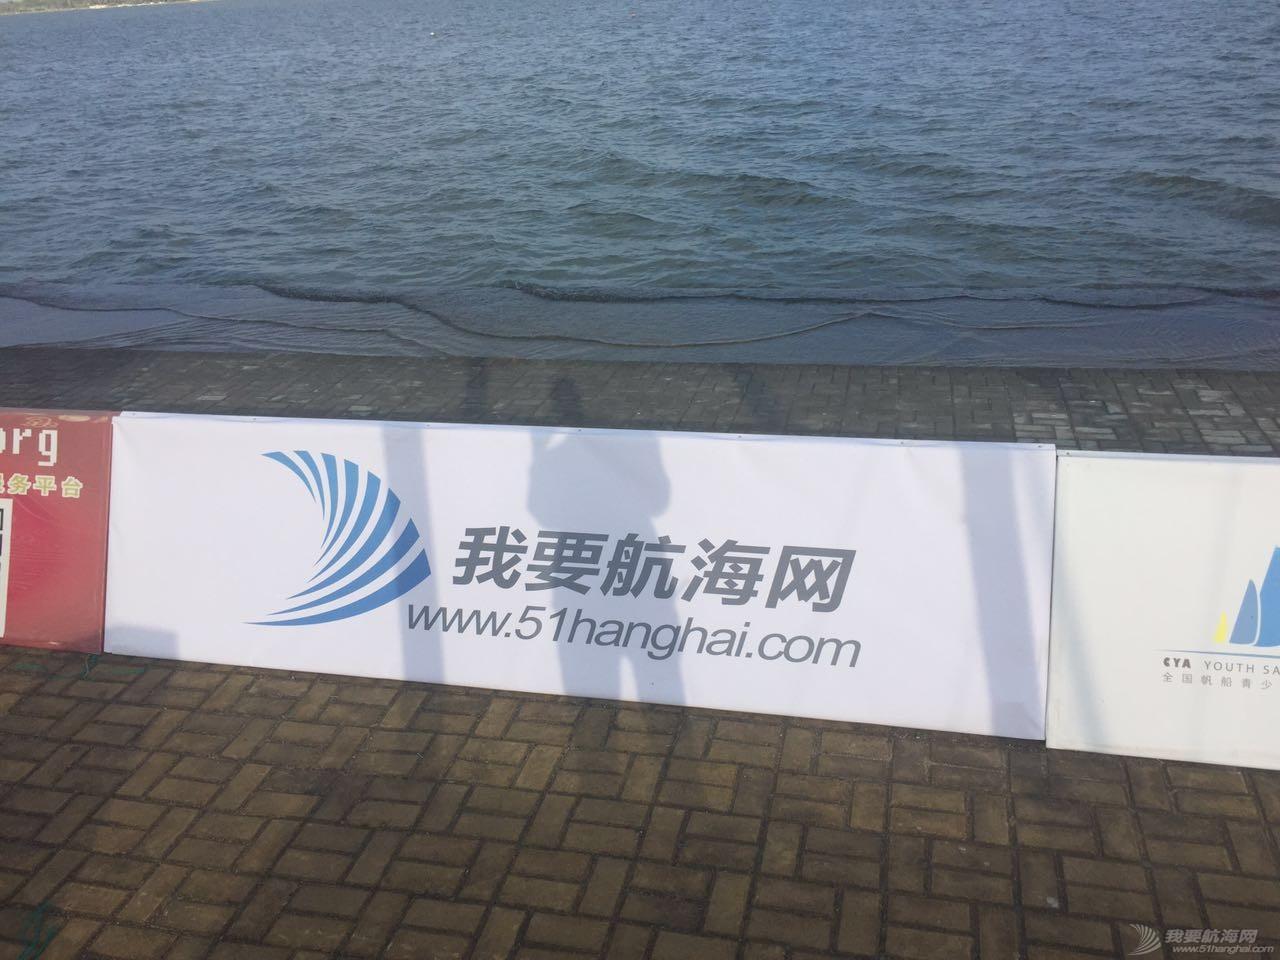 上海,帆船,国际 与奖杯擦肩而过-记2015上海临港国际帆船赛 我要航海网广告